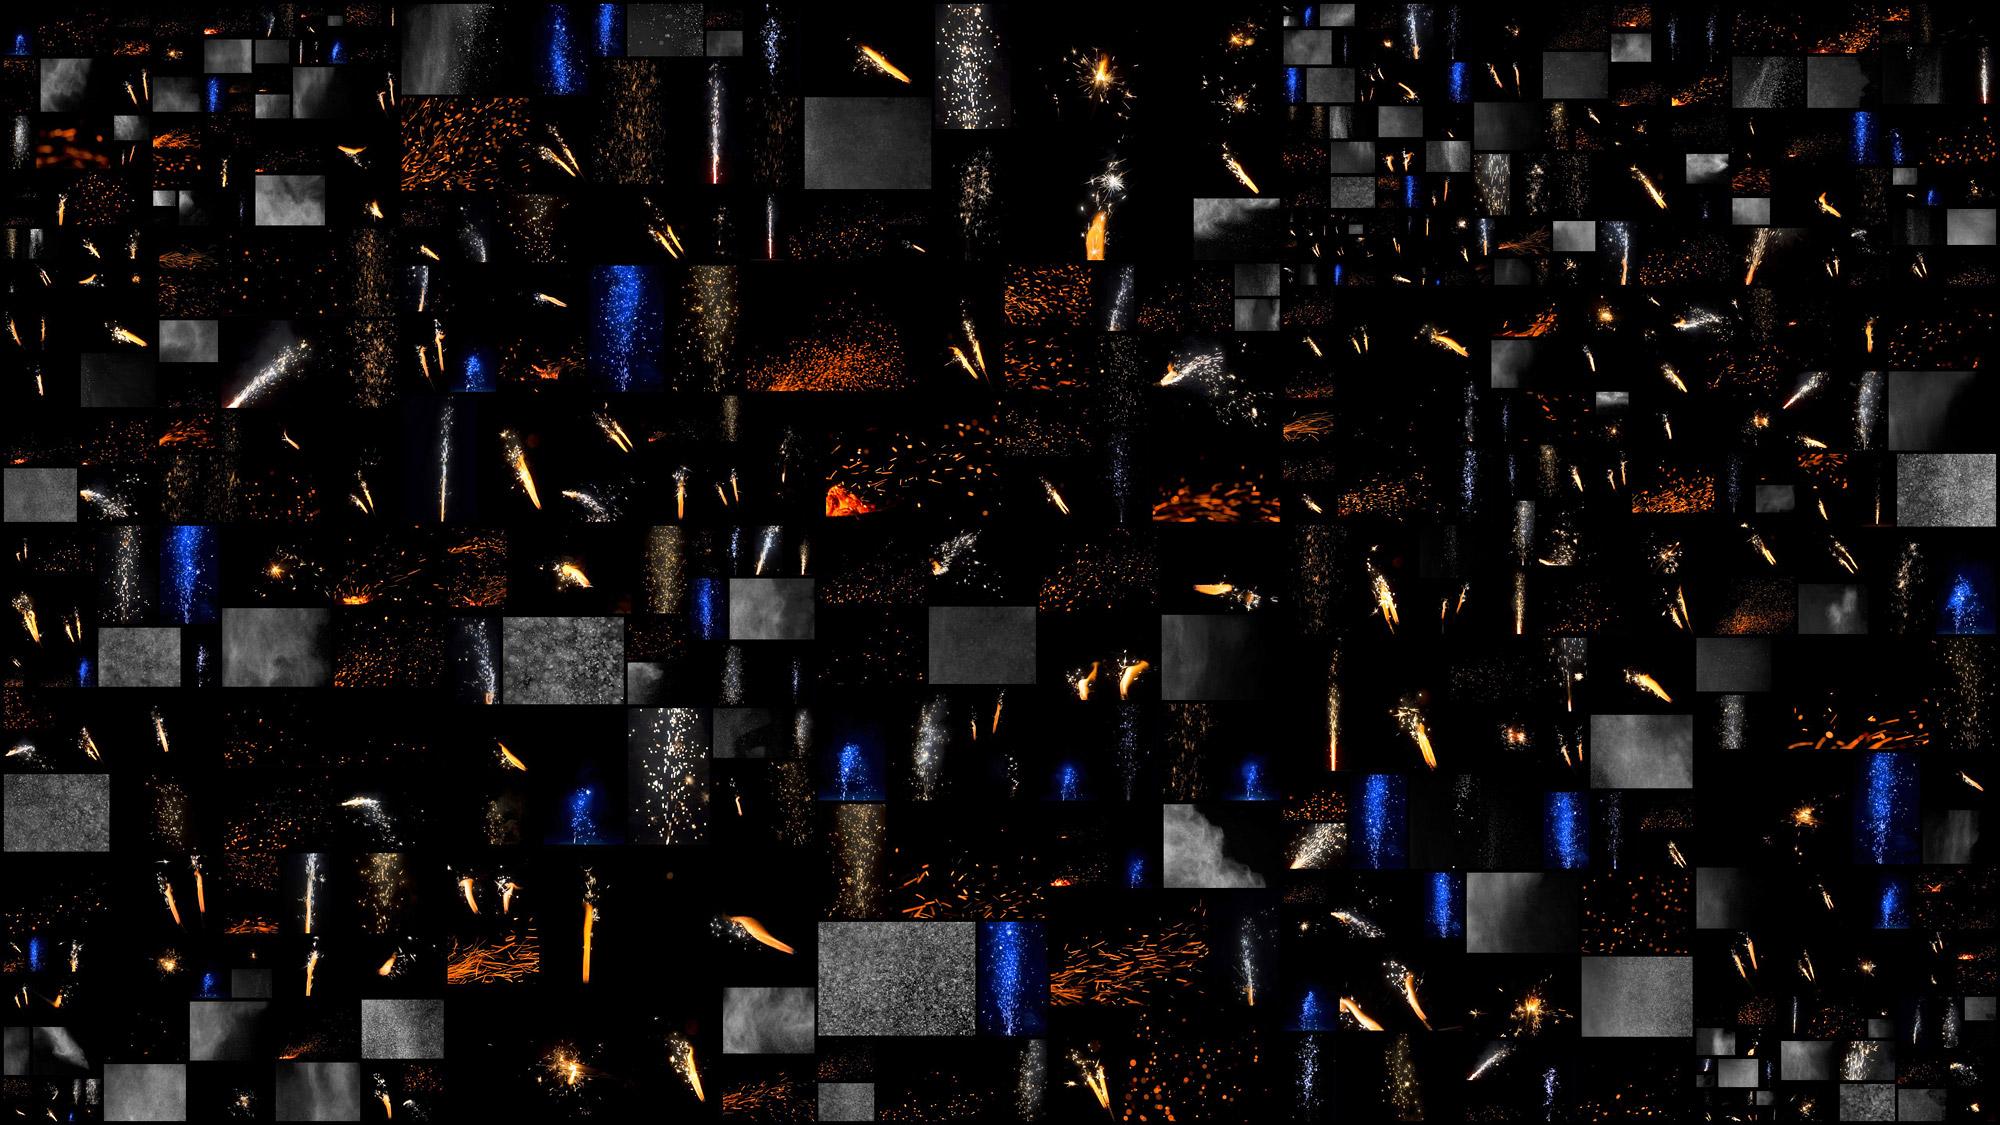 Embers-&-Sparks.jpg